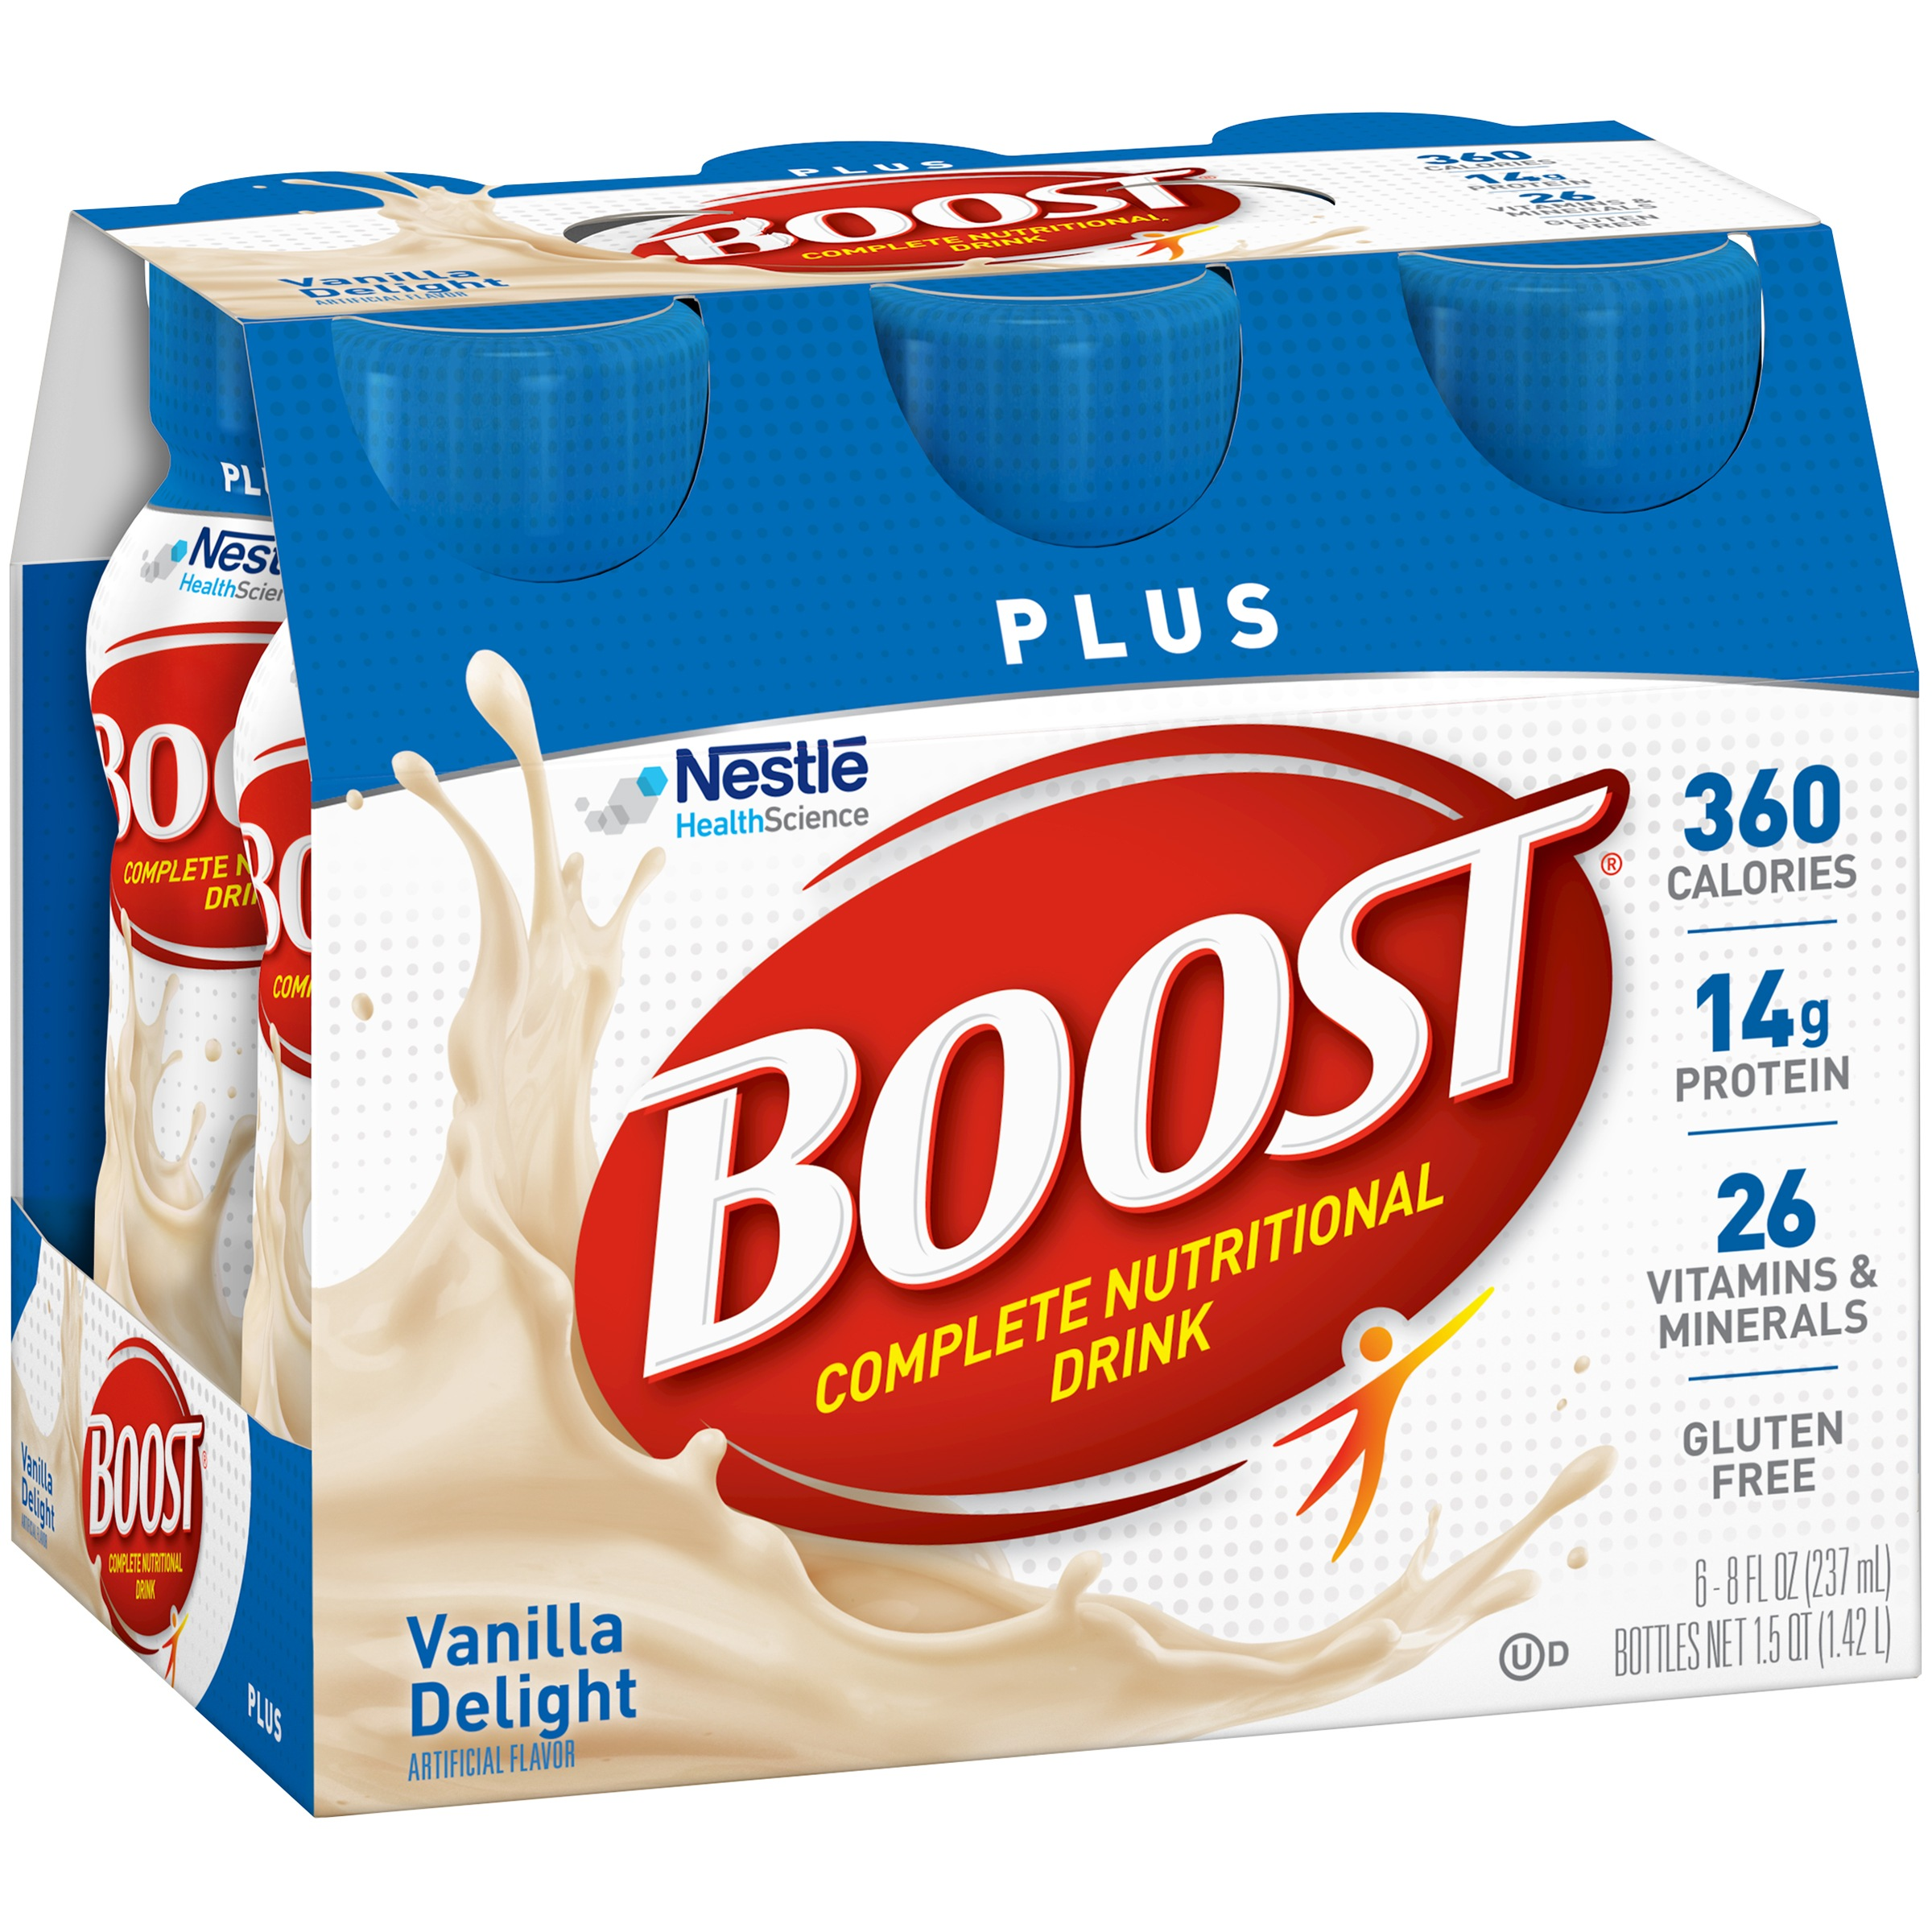 Boost Original Complete Nutritional Drink Vanilla Delight: Walmart's Savings Catcher